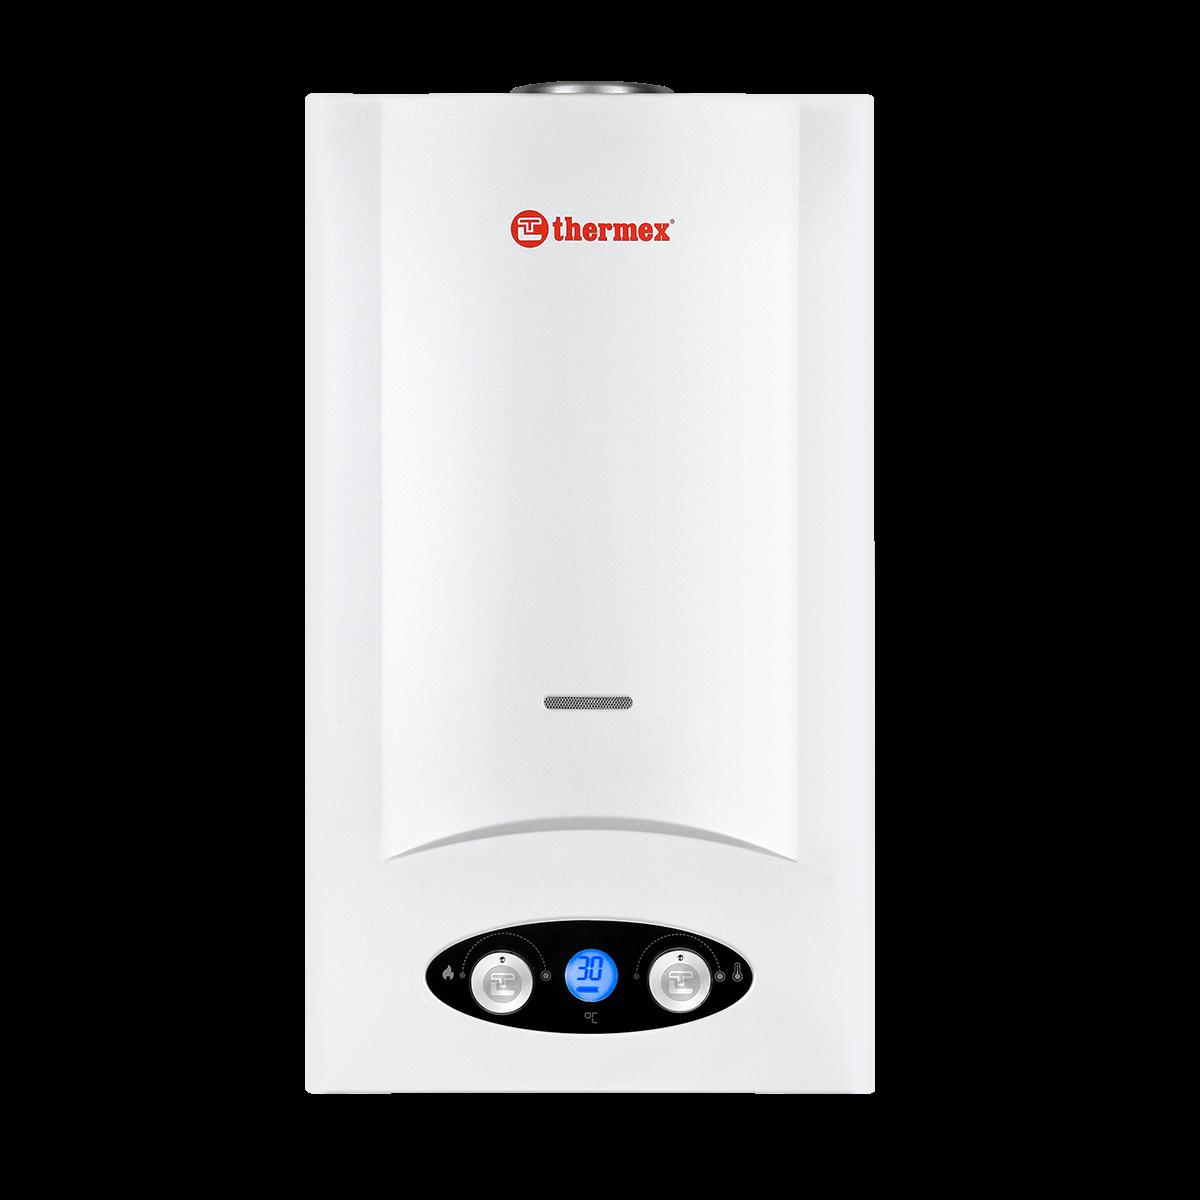 Проточный газовый водонагреватель Thermex G 28 D (Pearl white) 351 105